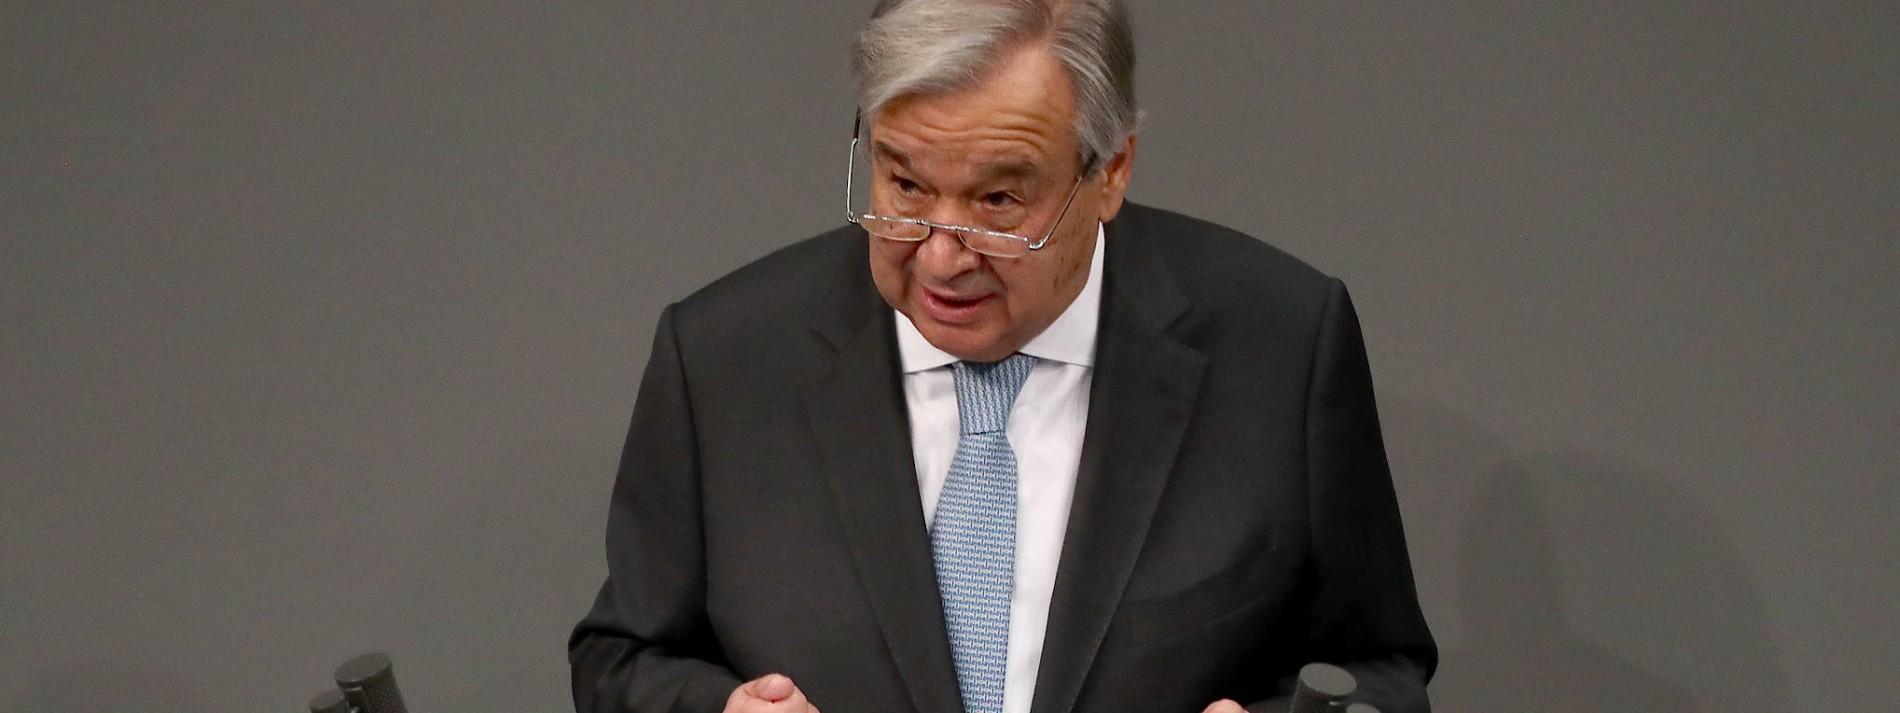 António Guterres beklagt Zunahme von Hetze und Hass im Bundestag